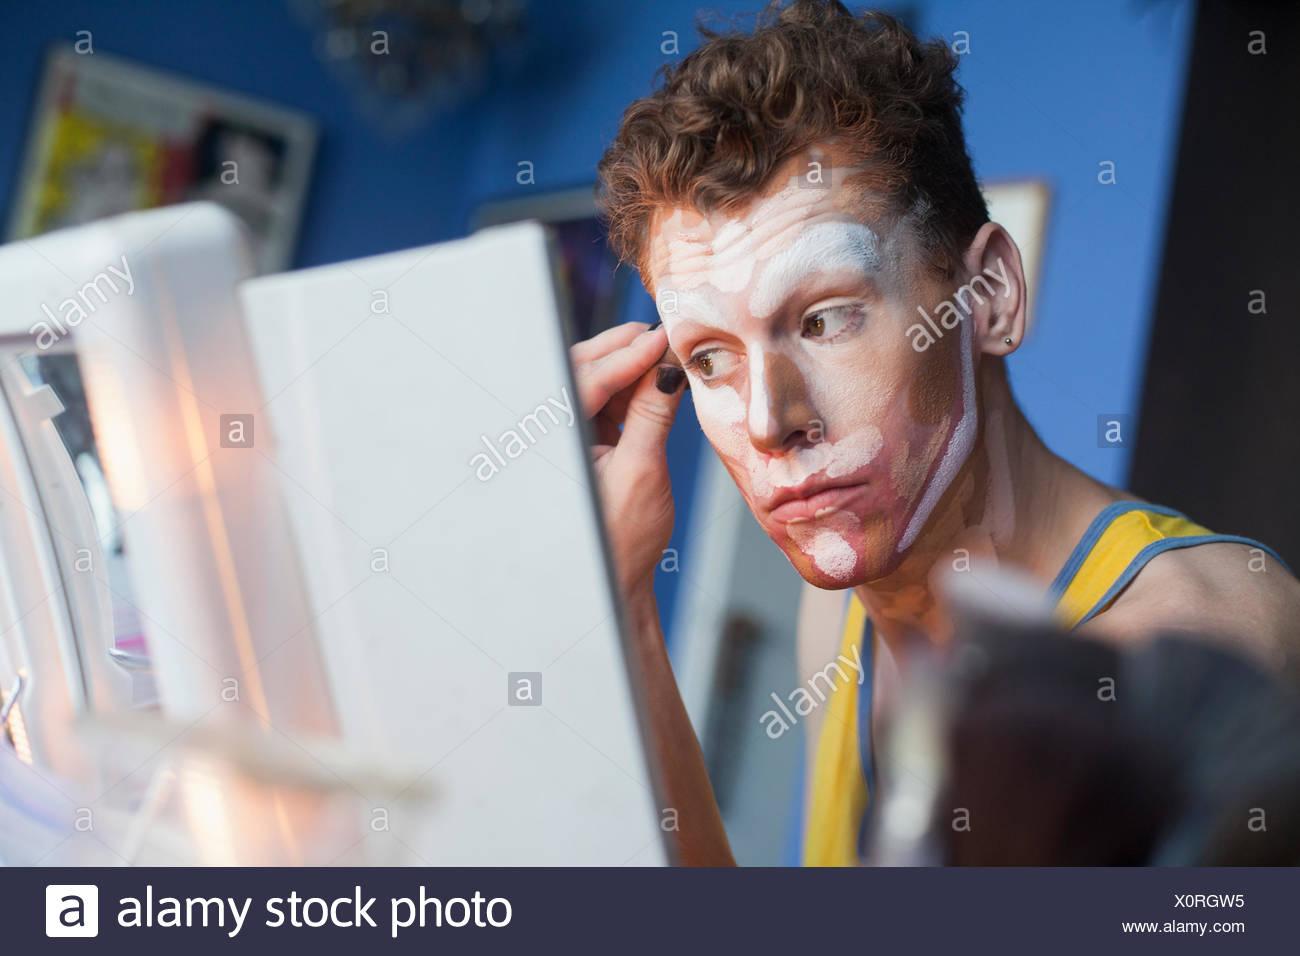 Jeune homme l'application faites glisser un miroir Photo Stock